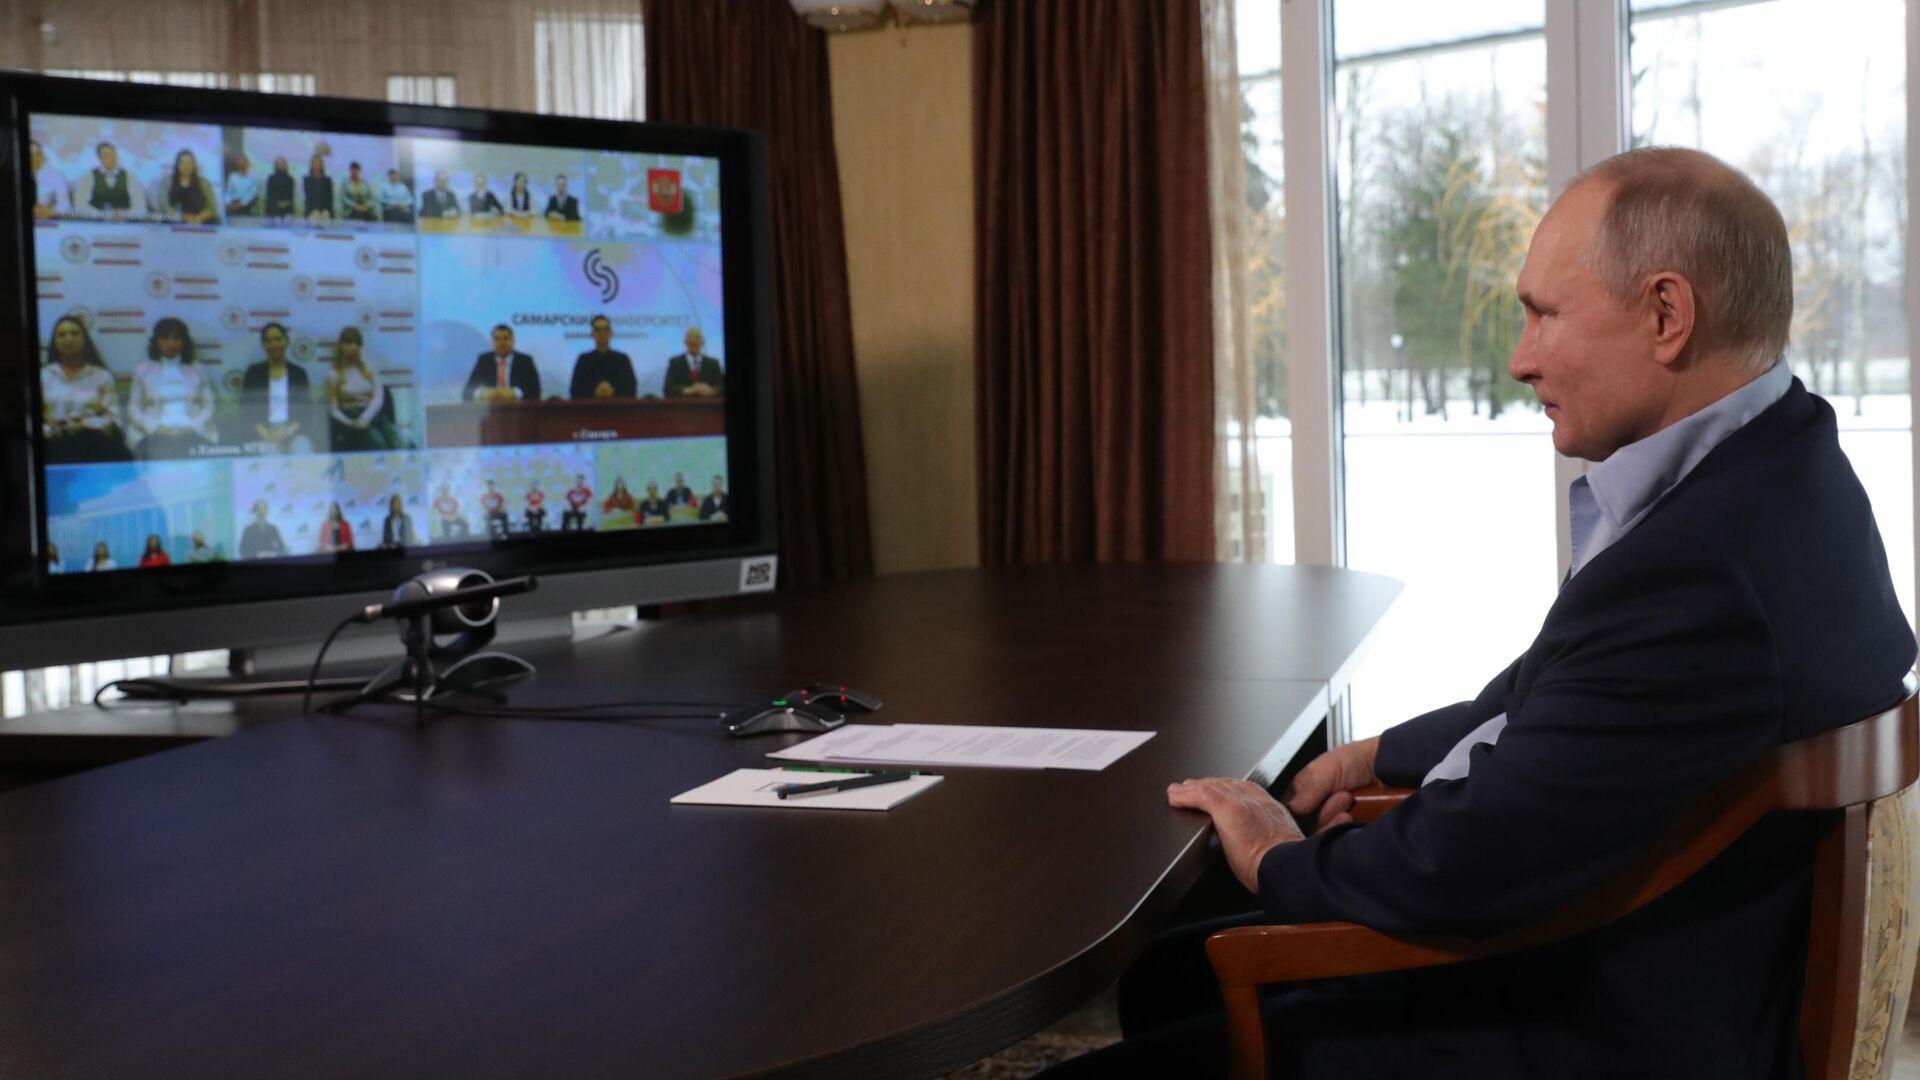 Президент РФ Владимир Путин проводит в режиме видеоконференции встречу с учащимися высших учебных заведений по случаю Дня российского студенчества - РИА Новости, 1920, 25.01.2021